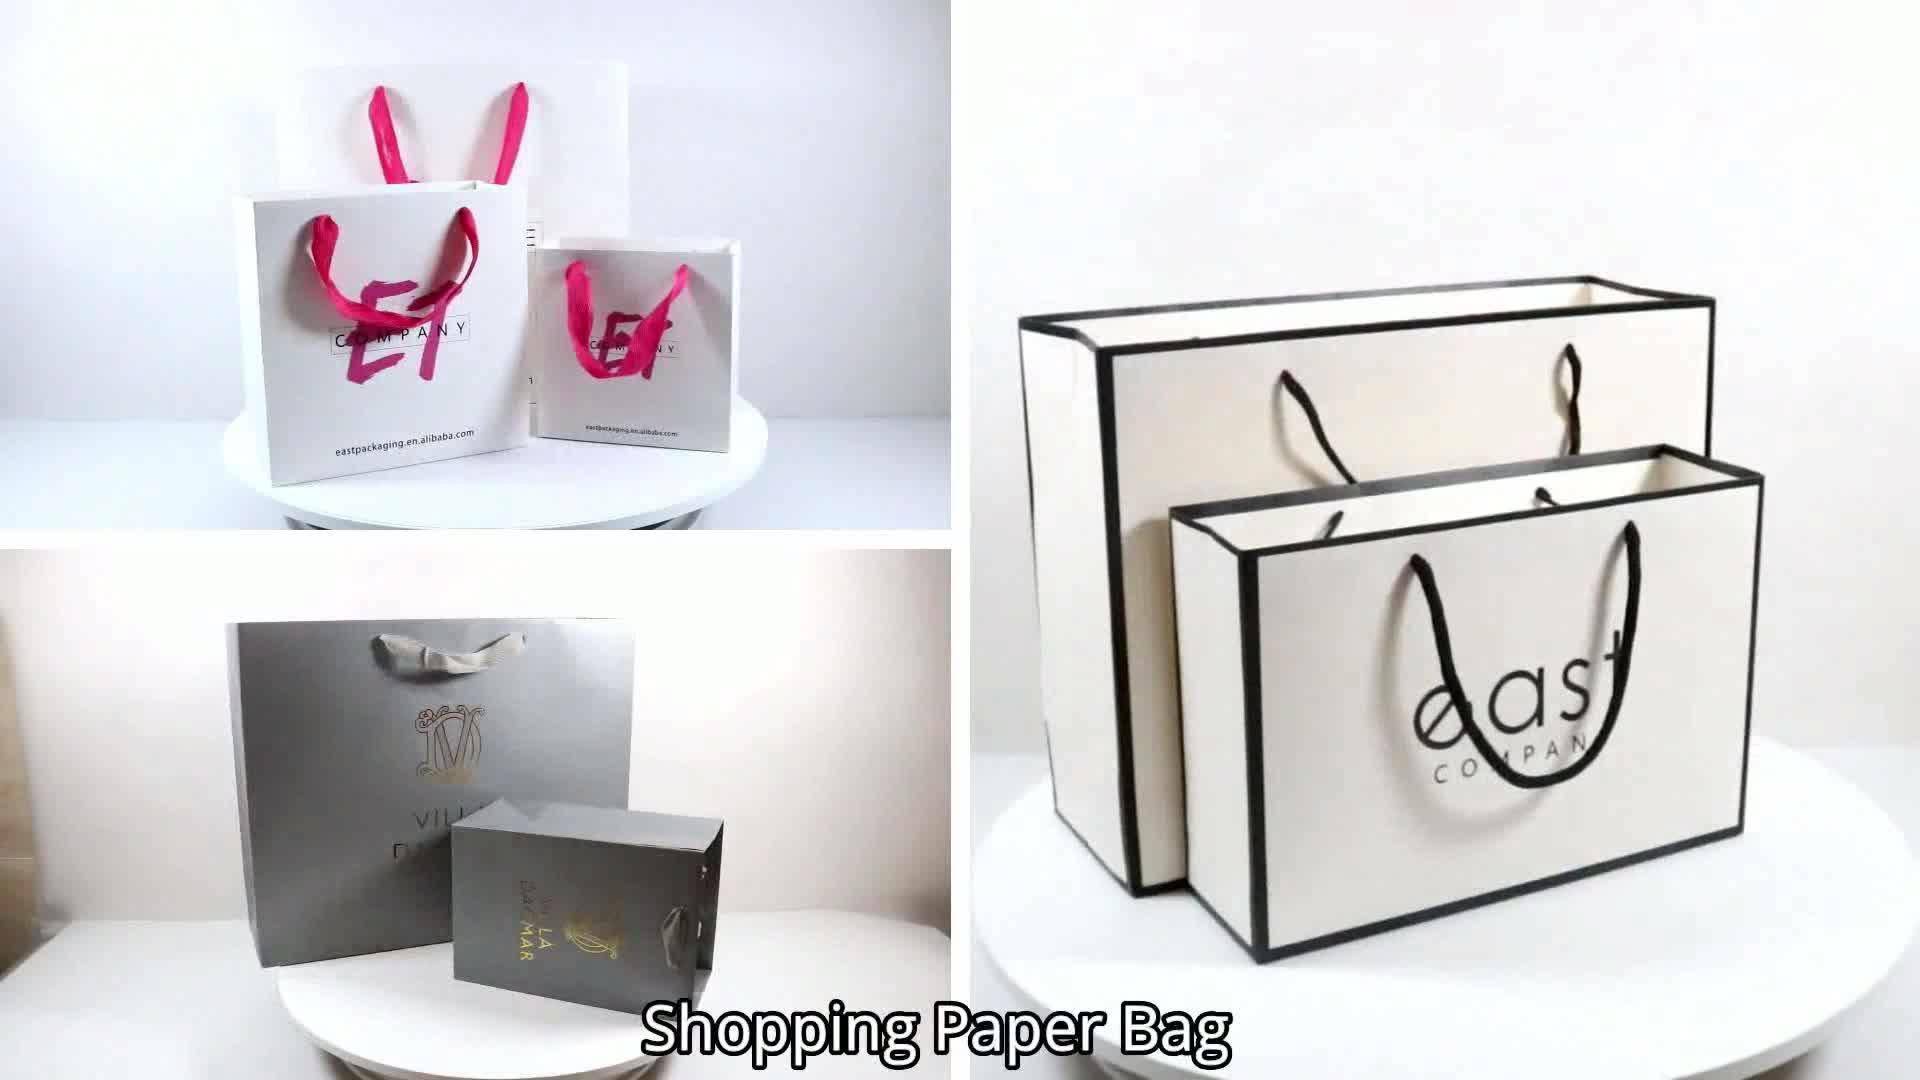 Yüksek kalite Moda özel kağıt Takı Ambalaj çanta Lamine kuşe kağıt torba Beyaz Şirket Logo Baskı Ile